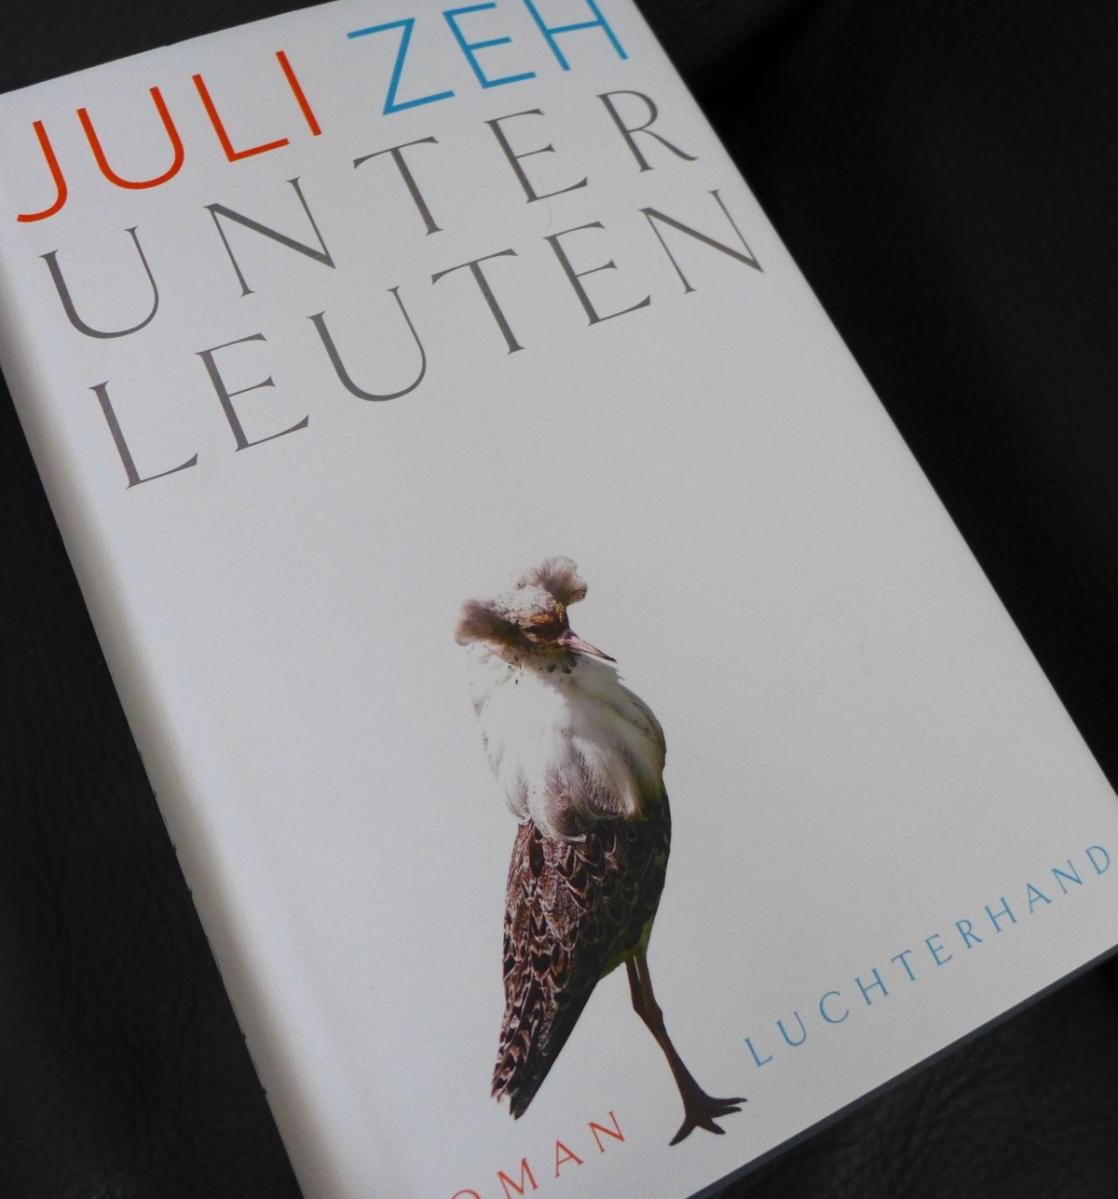 """Warum ich Juli Zehs Roman """"Unterleuten"""" nicht zu Ende lesen werde ..."""